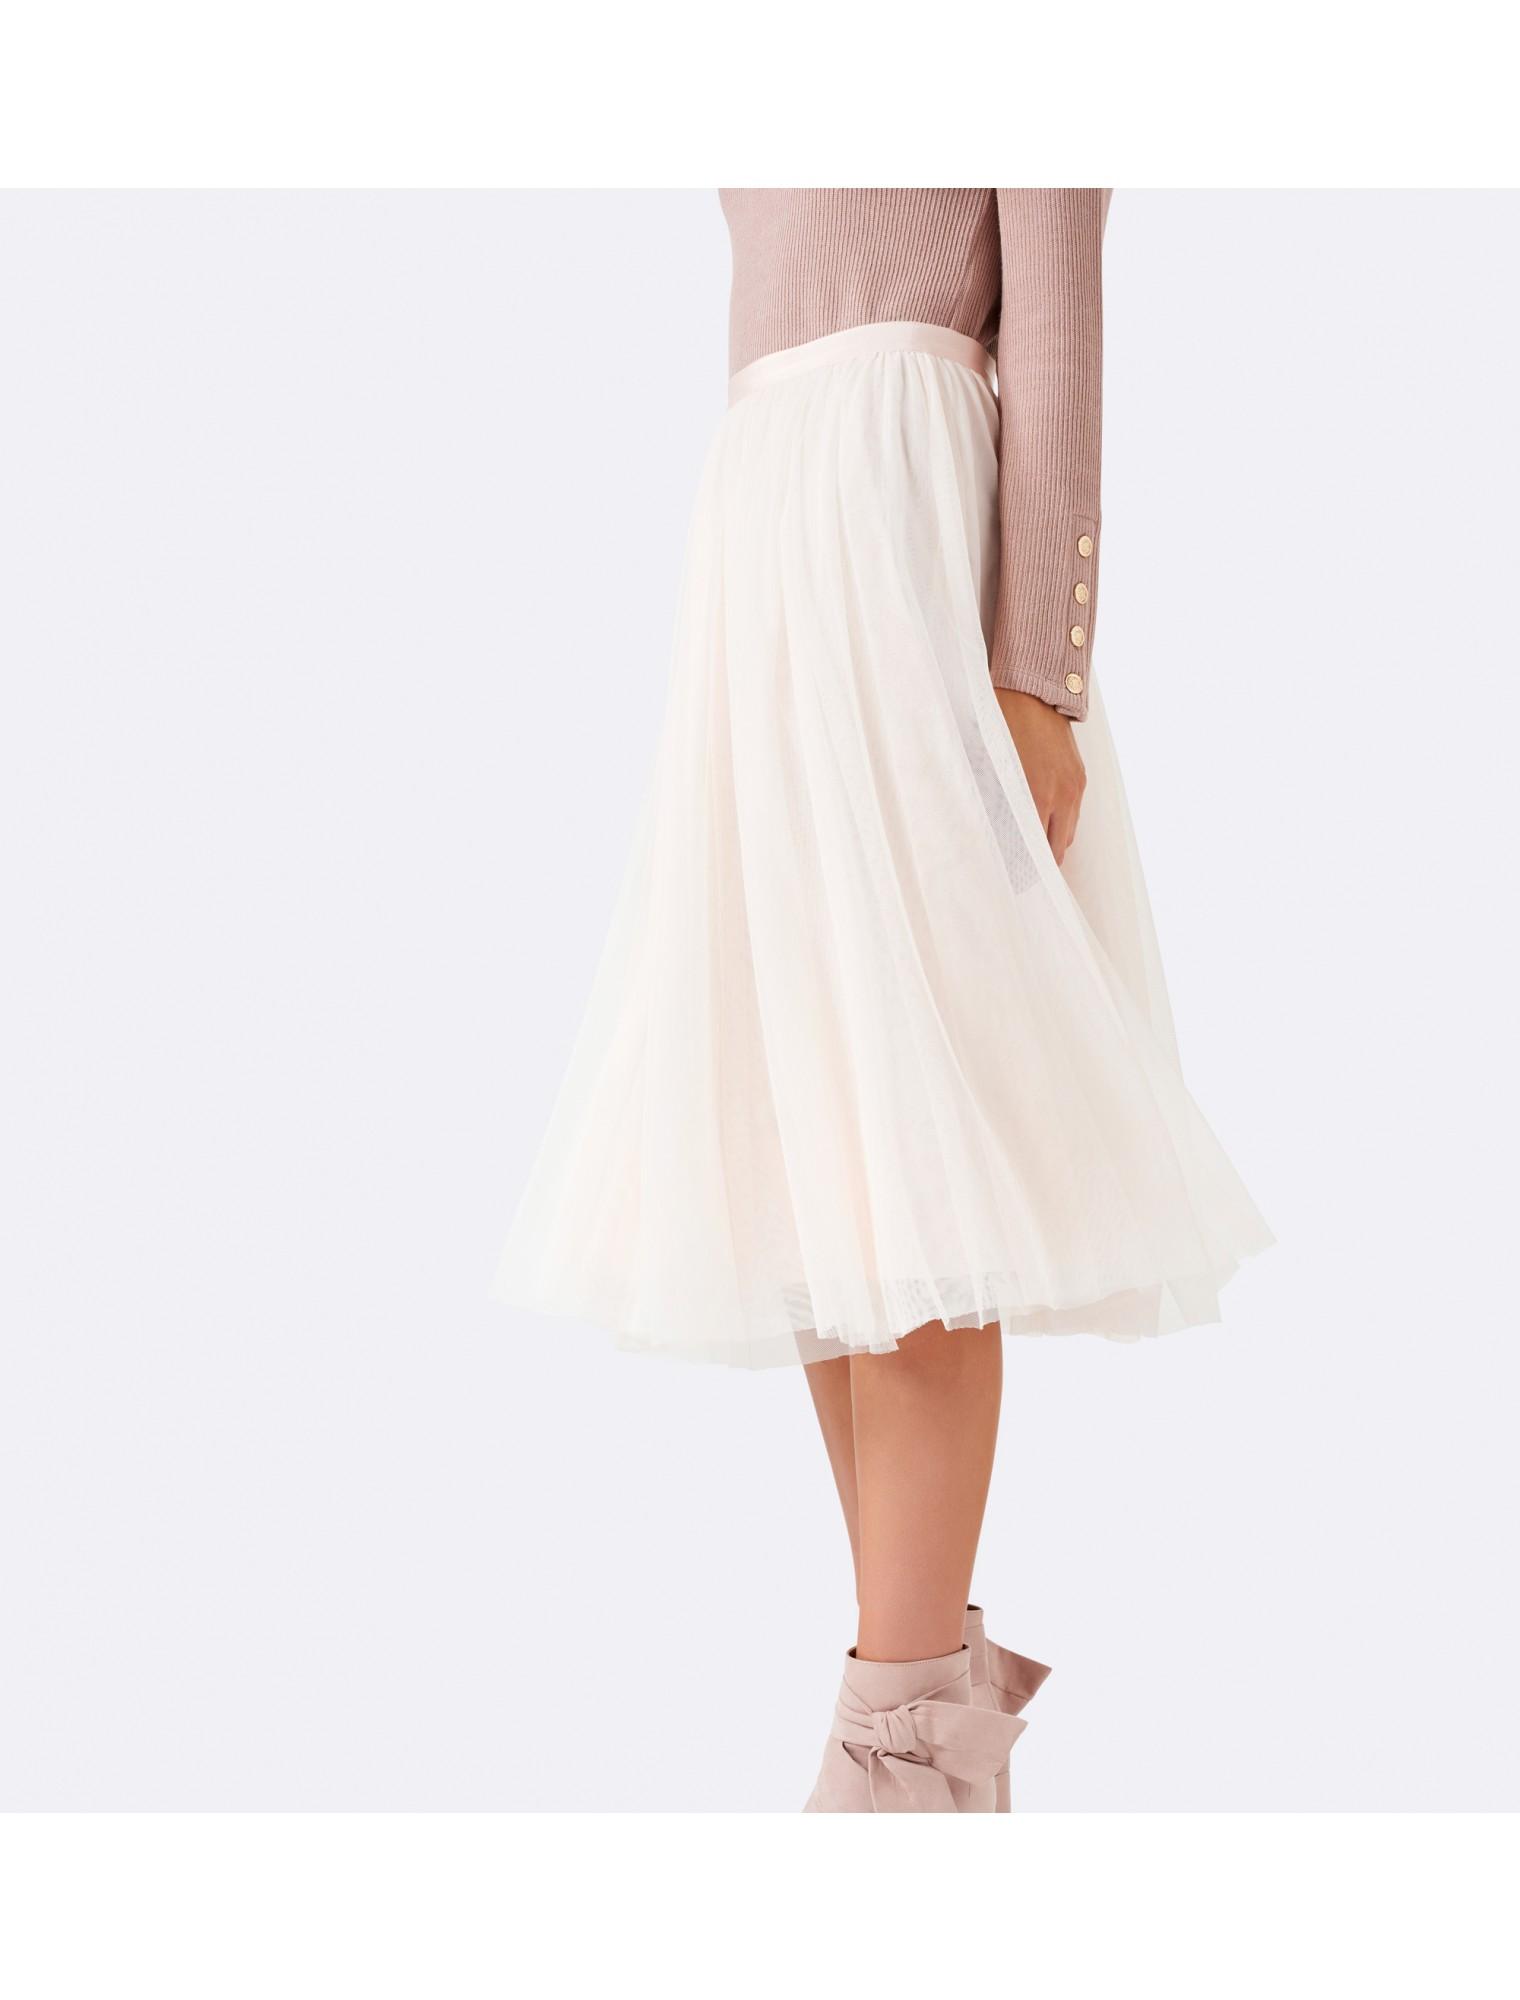 Tulle Midi Skirt | Tulle Skirt Plus Size | Flowy Midi Skirt